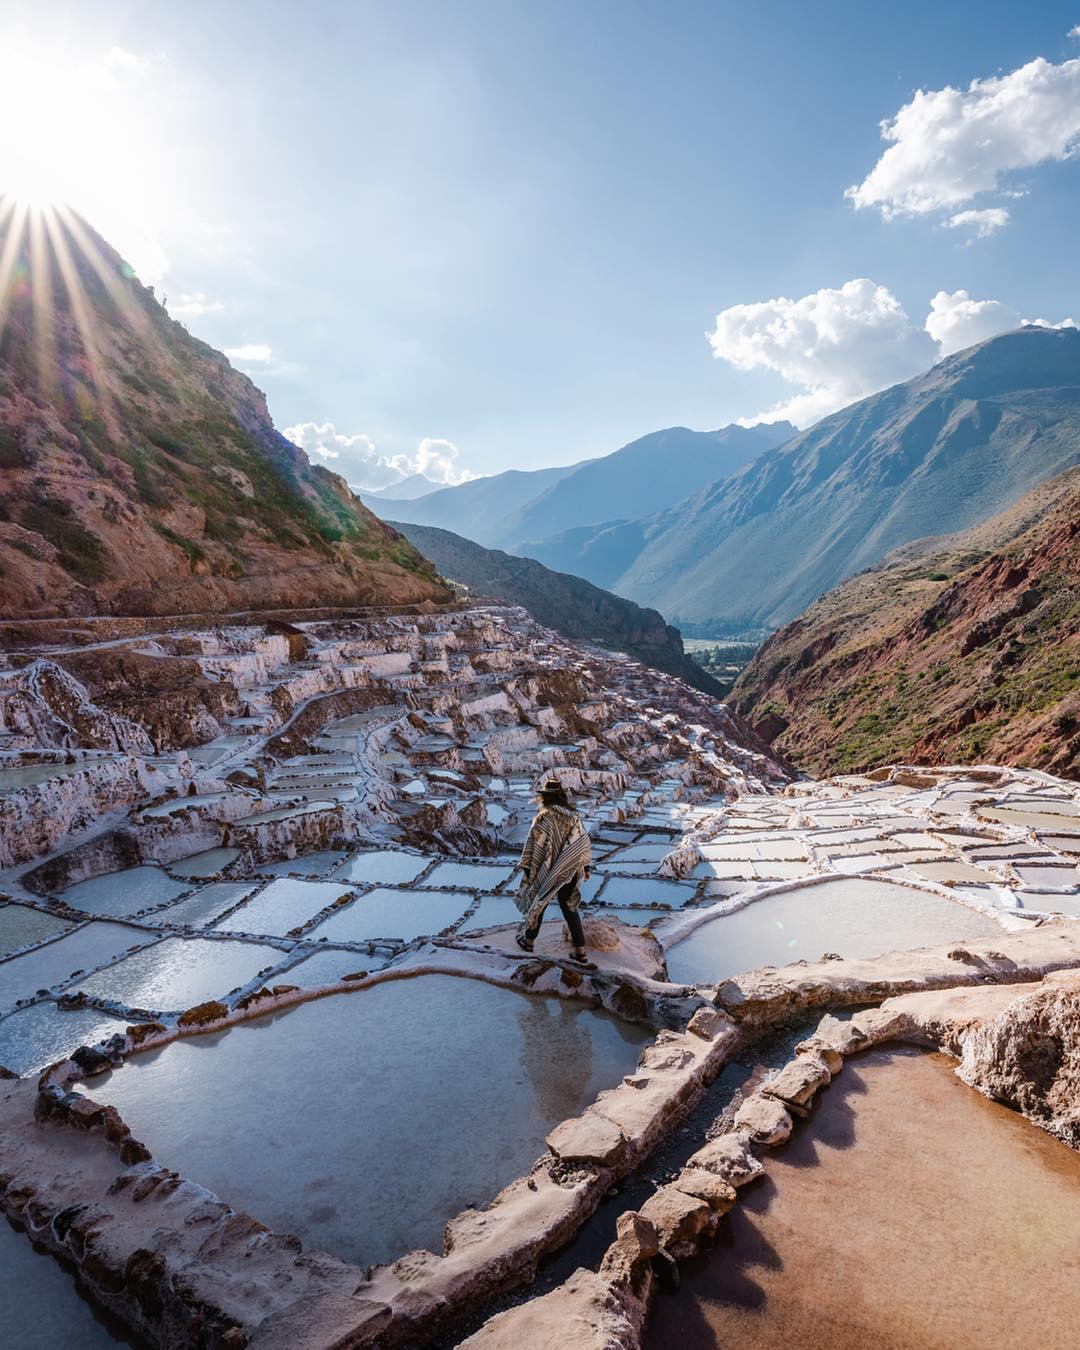 Потрясающие снимки из путешествий Мэтью Масса